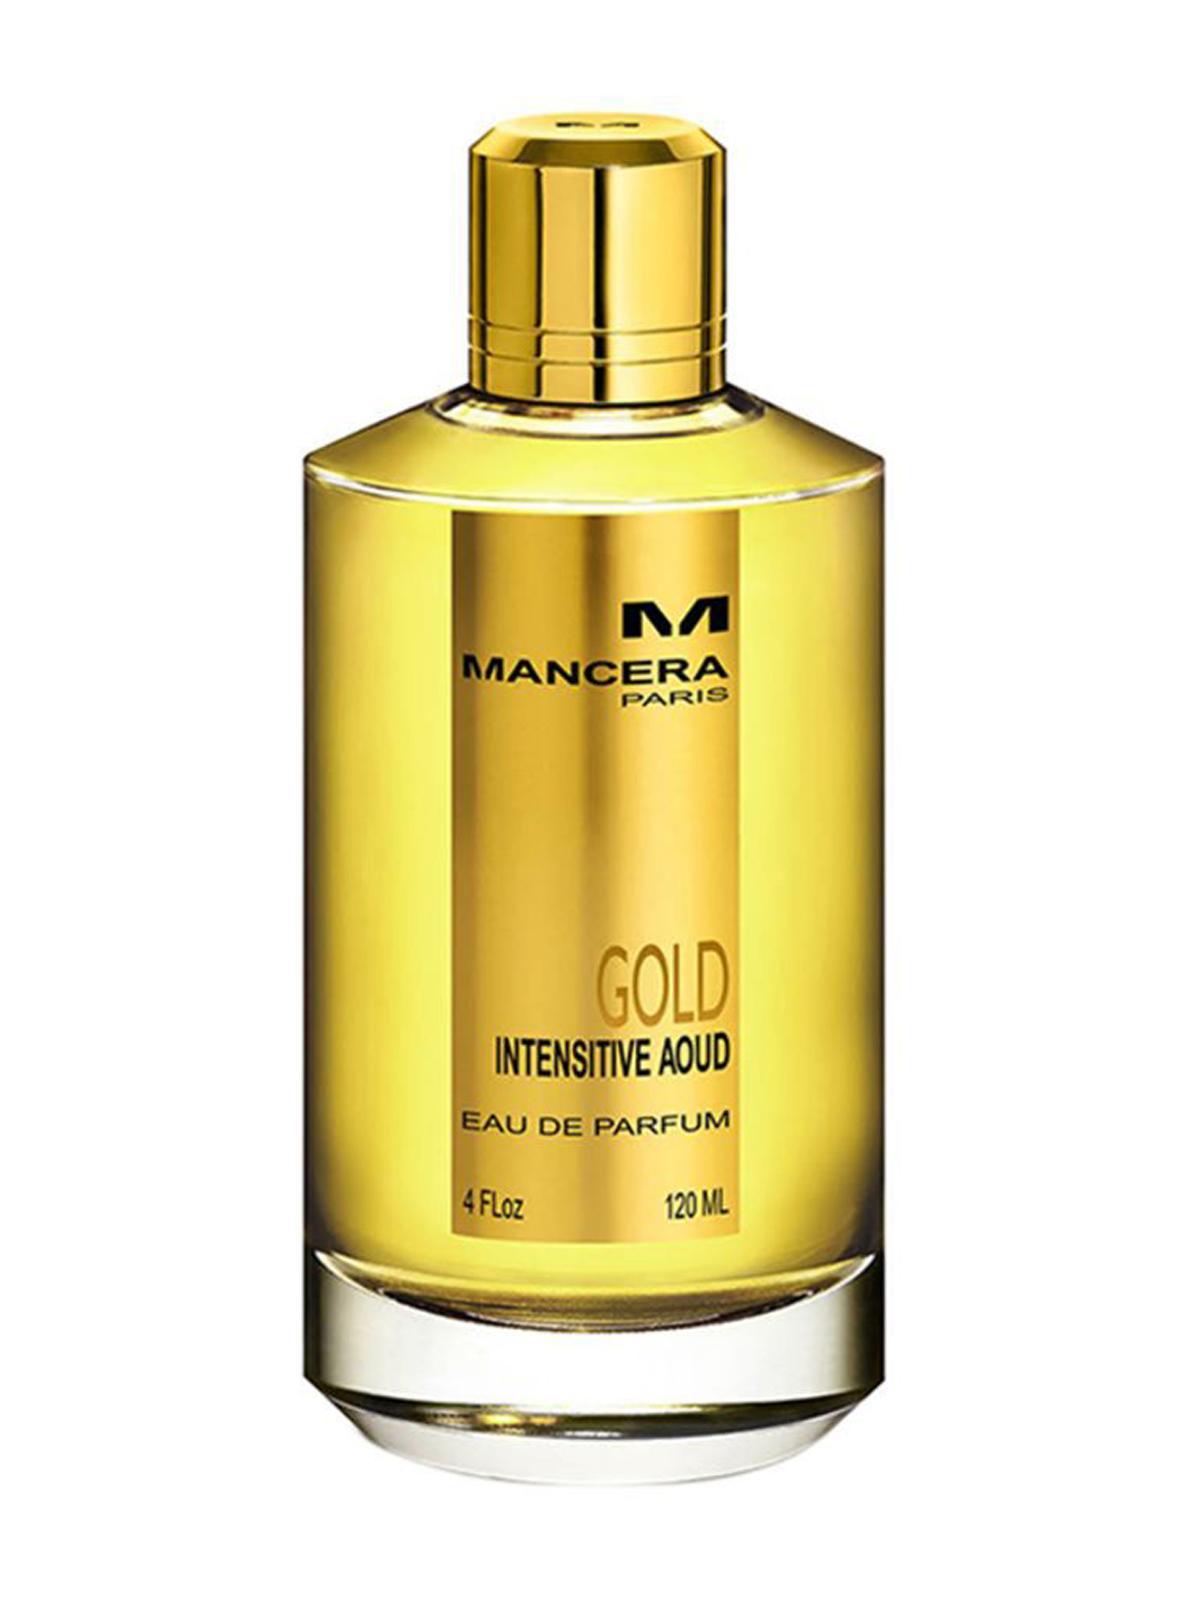 Mancera Gold Intensitive Aoud For Unisex Eau De Parfum 120ML